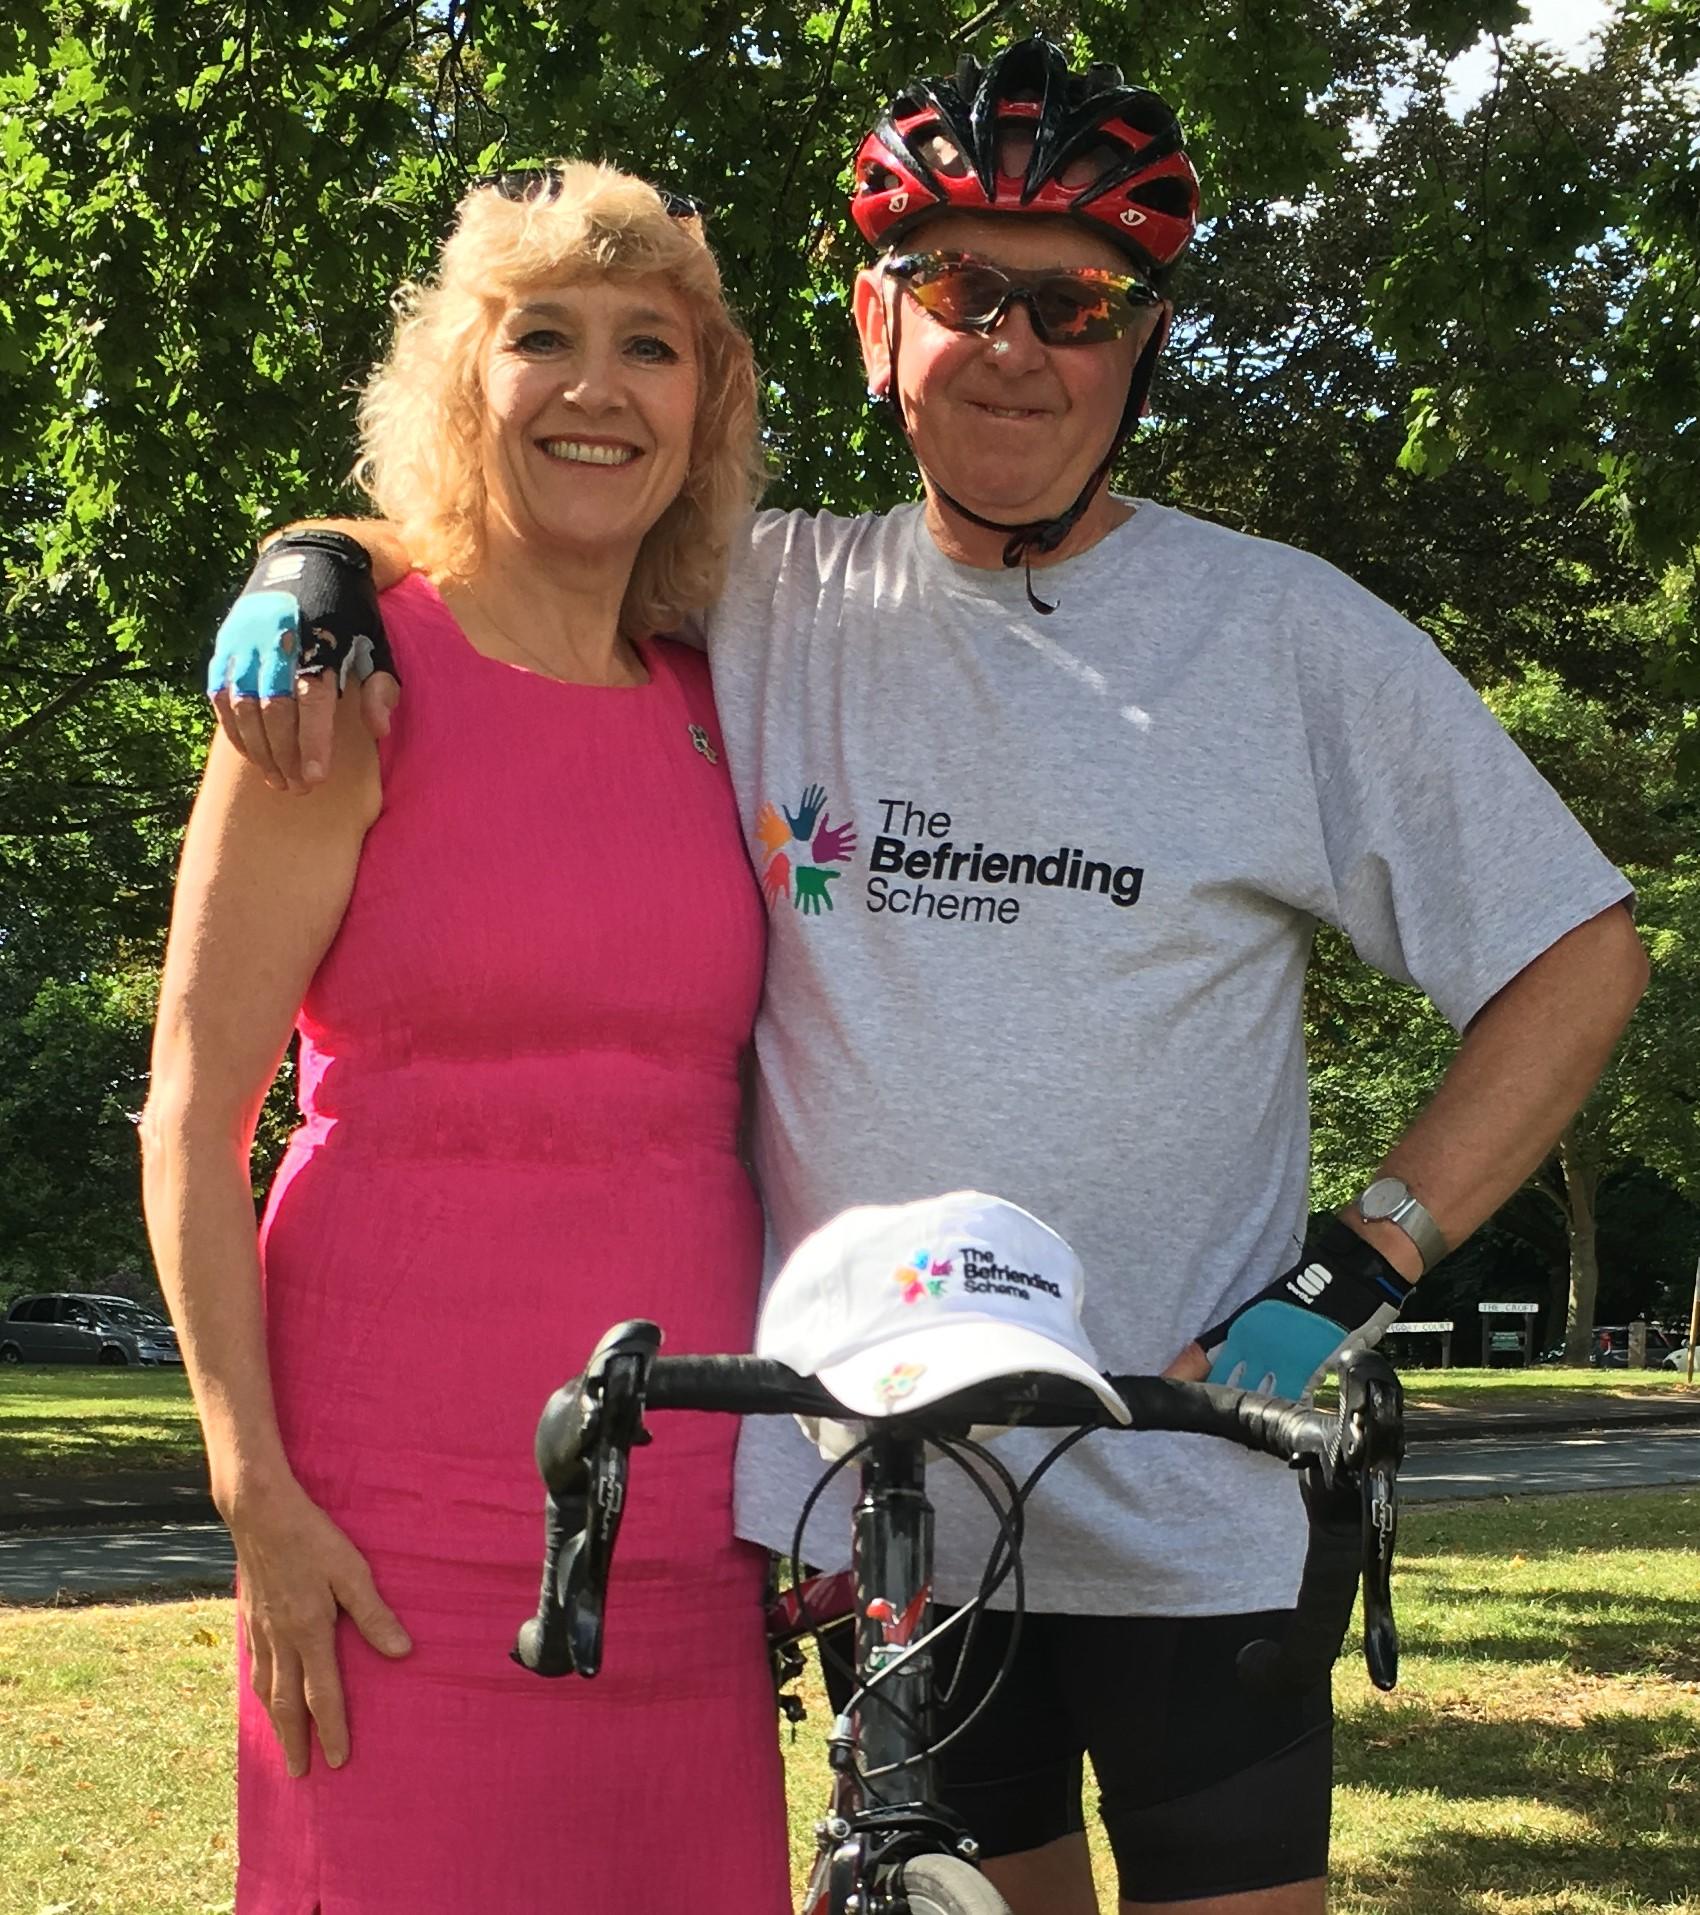 Mark Swift alongside The befriending scheme CEO, Shirley Moore.